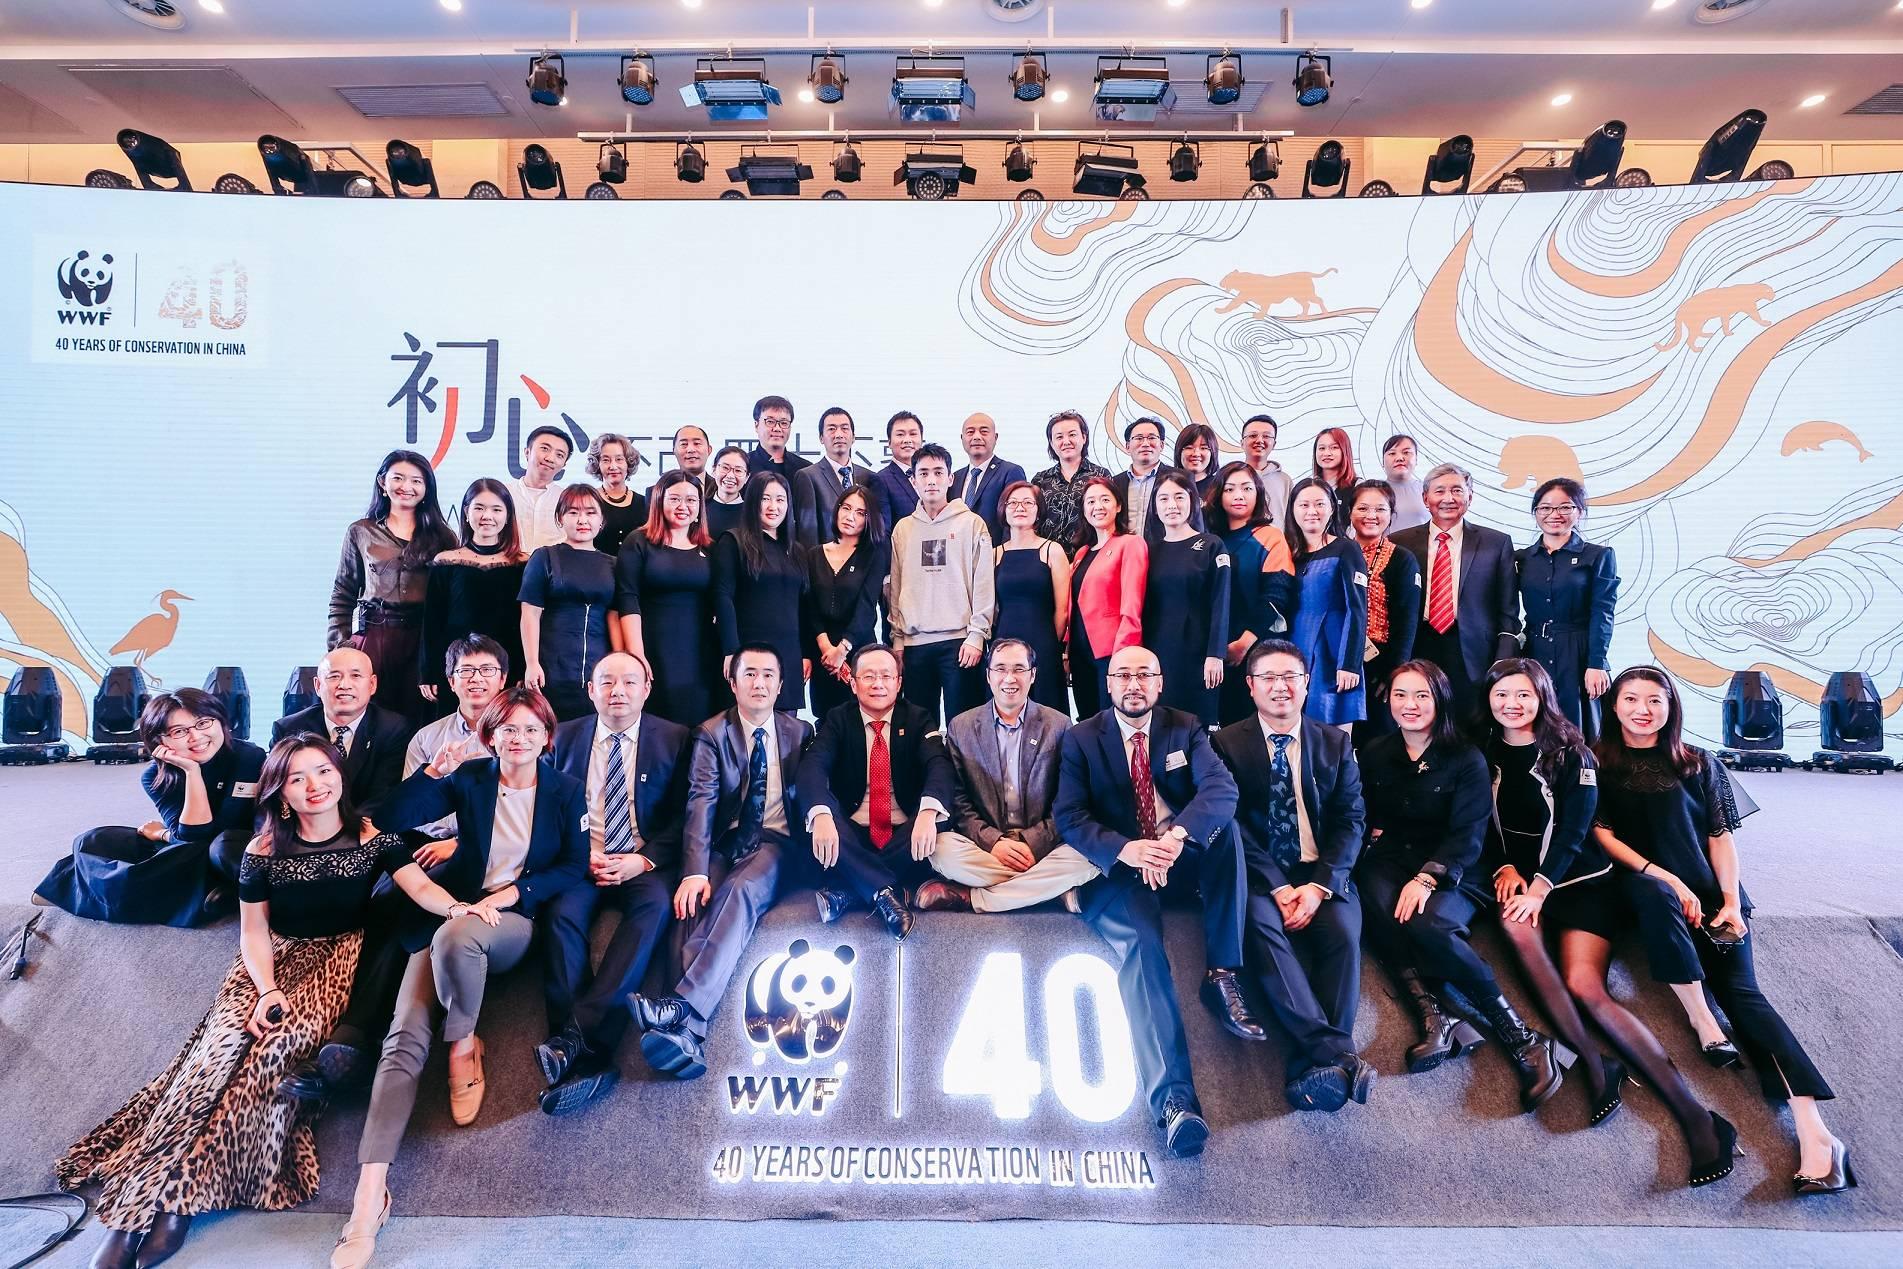 朱一龙出席WWF40周年活动 现场获颁新一年全球大使聘书